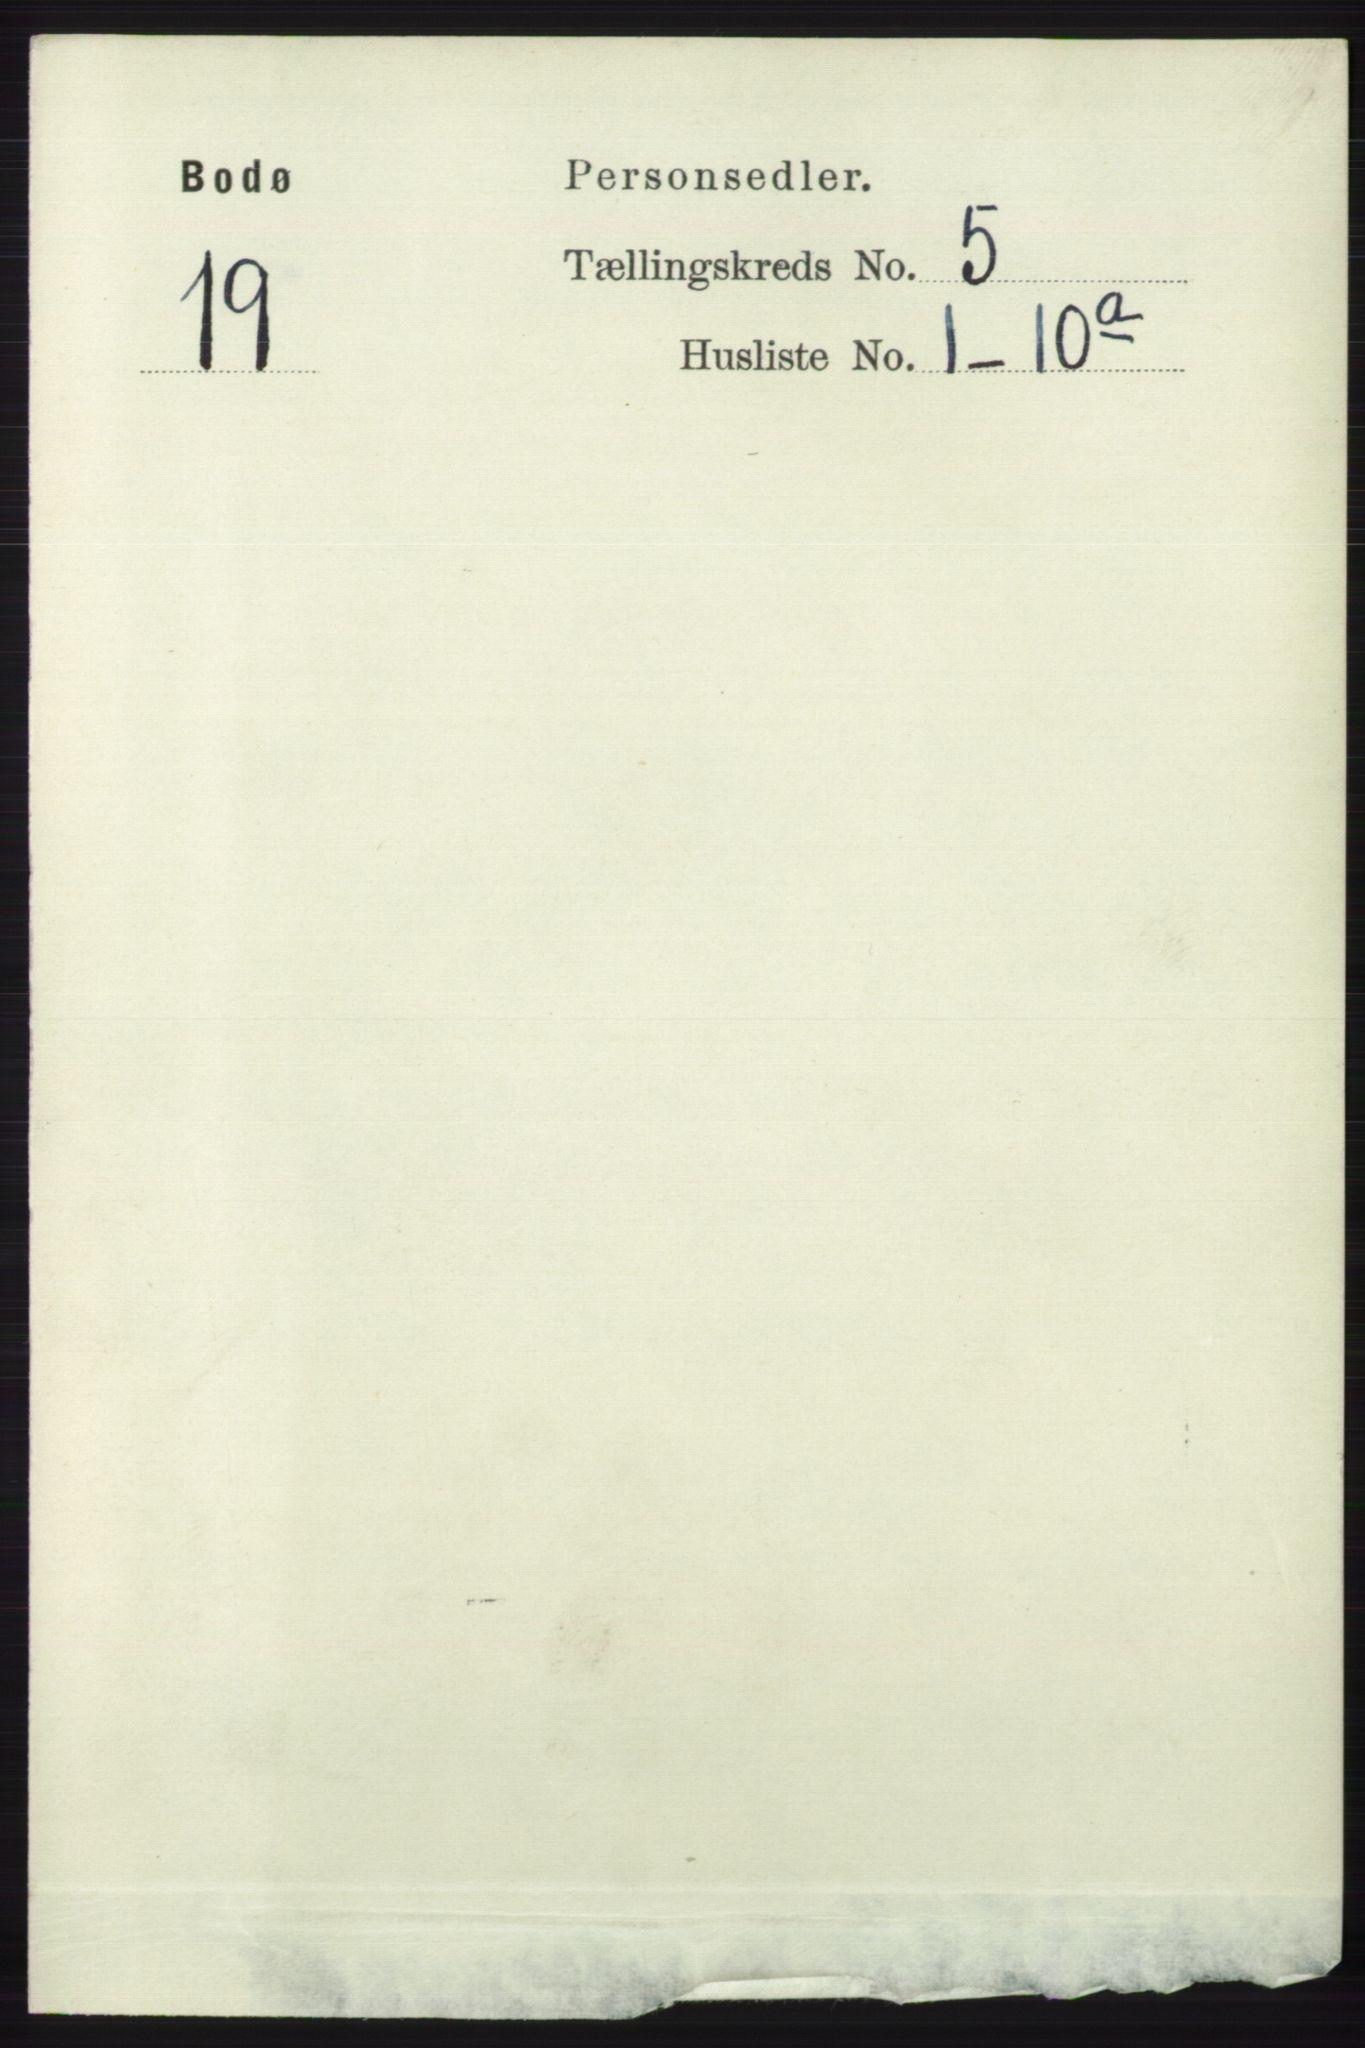 RA, Folketelling 1891 for 1804 Bodø kjøpstad, 1891, s. 3905